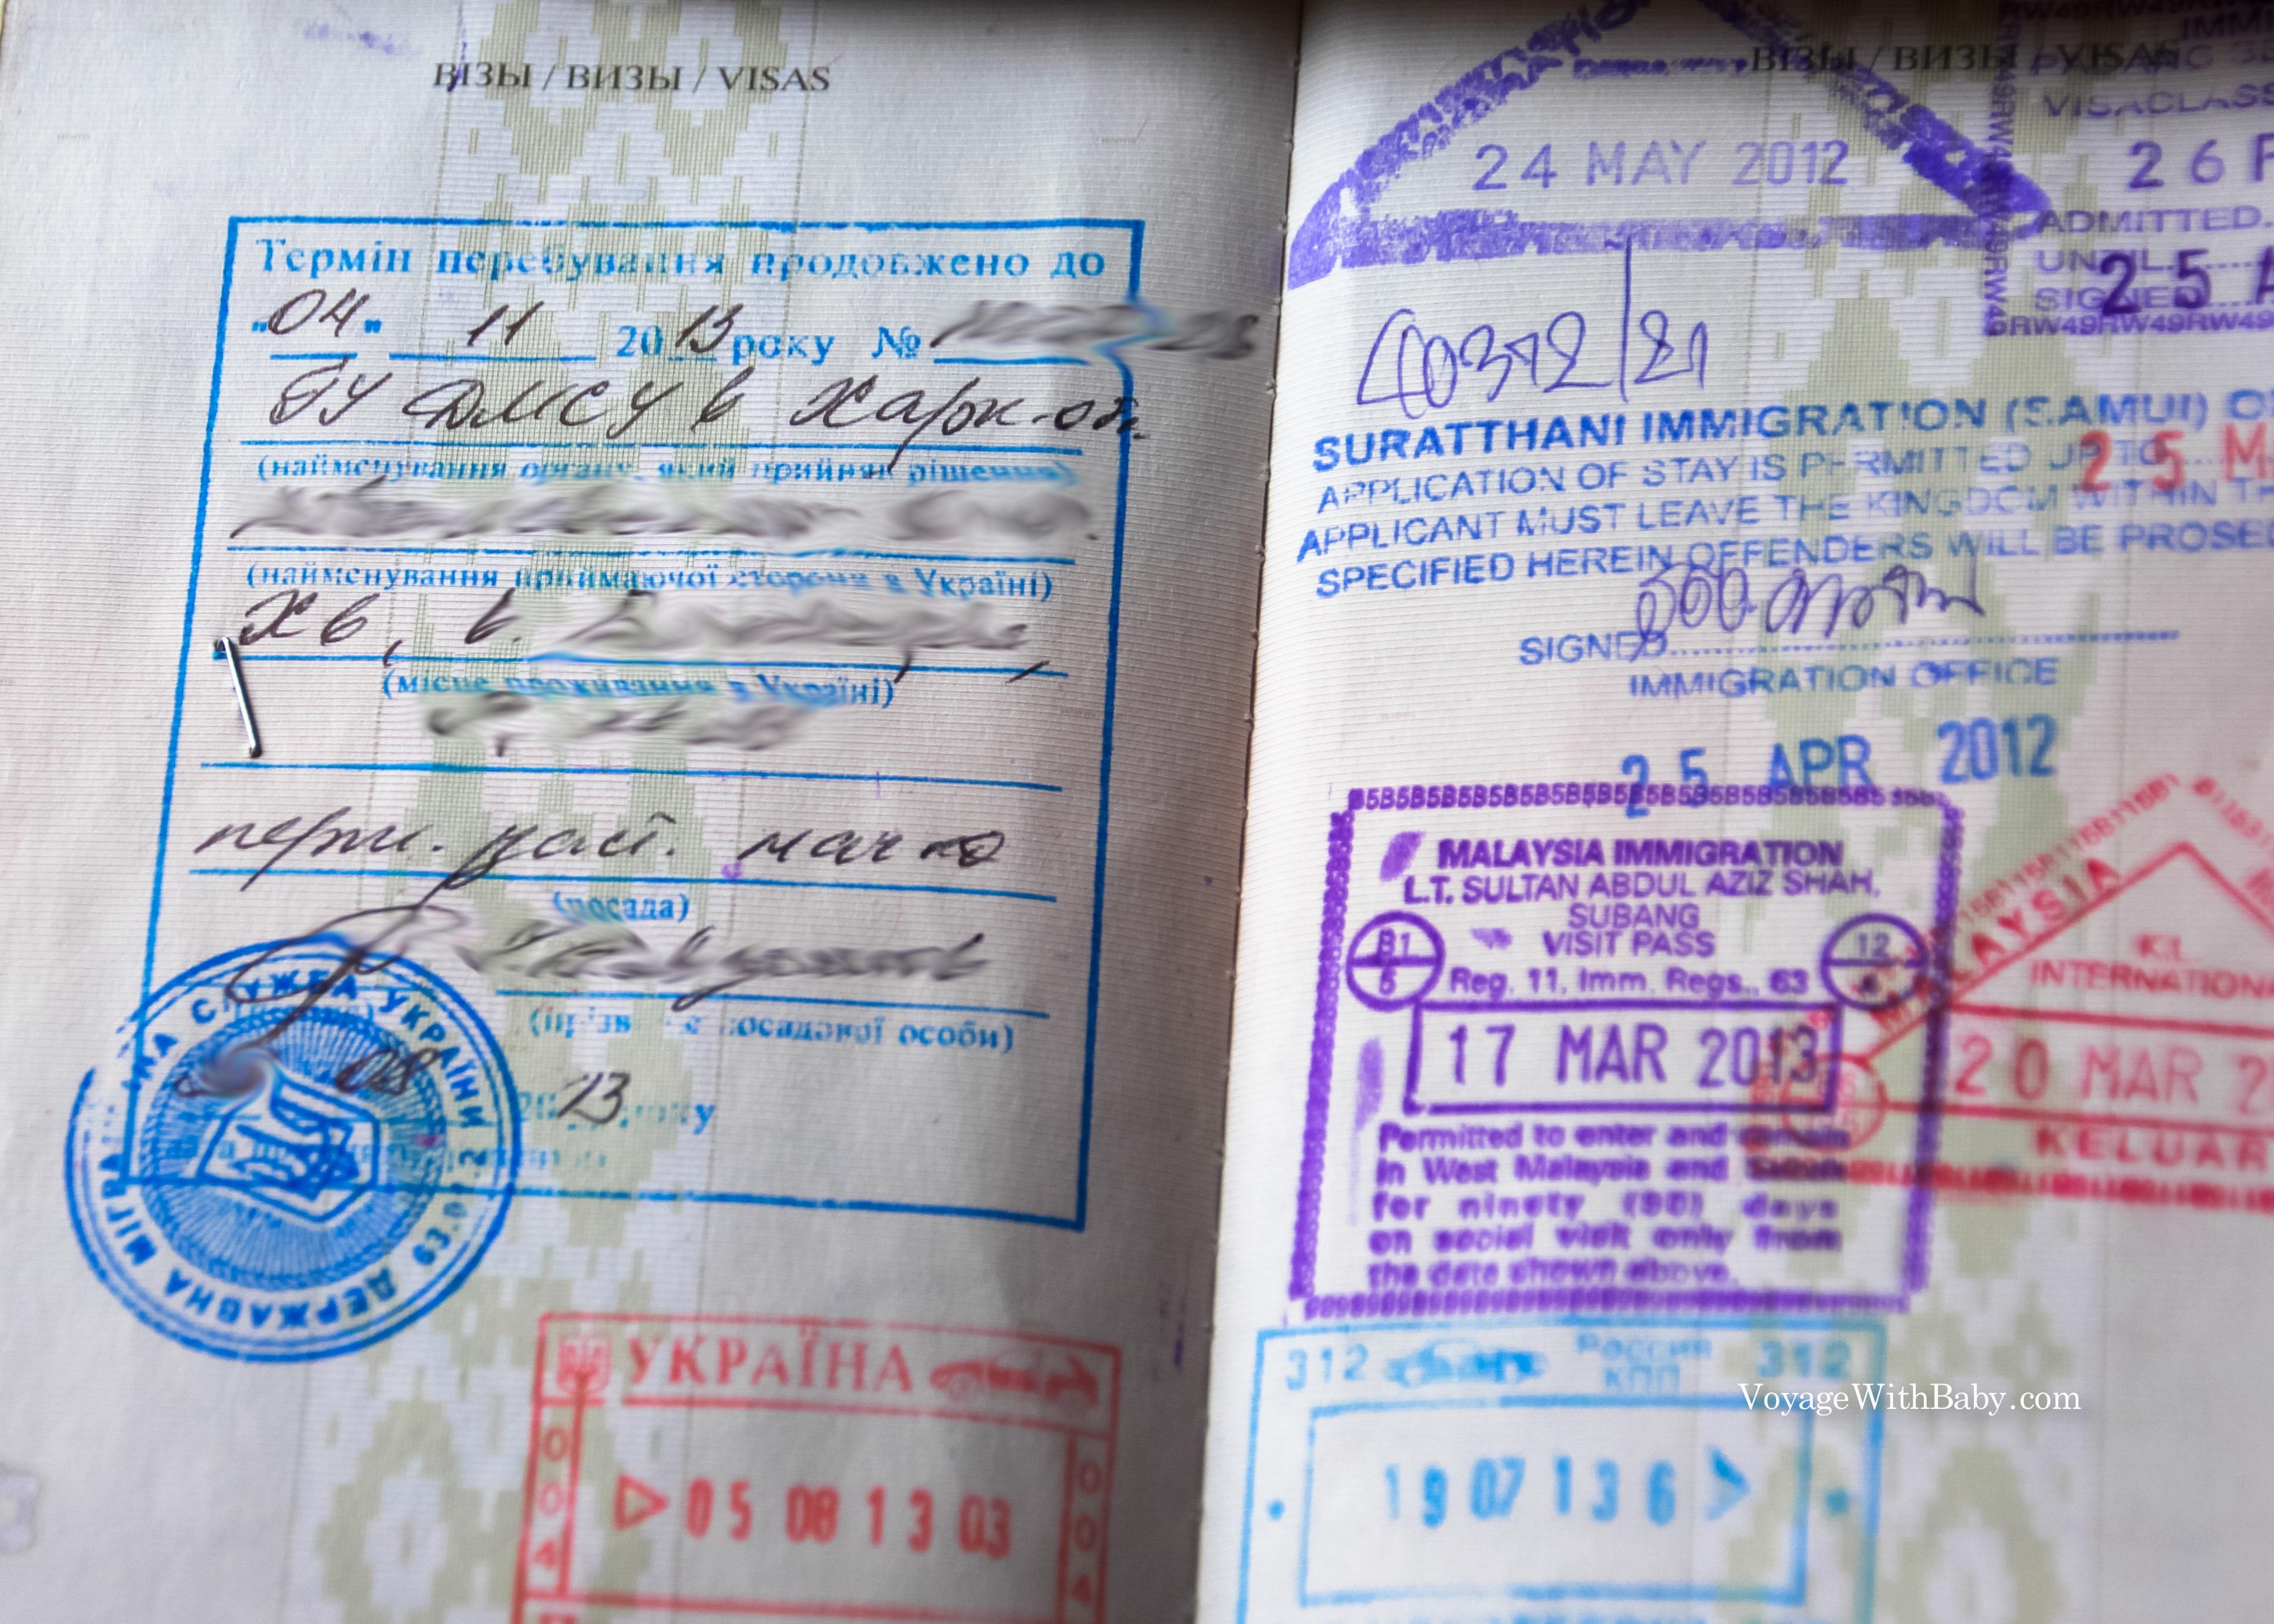 Продление пребывания в Украине